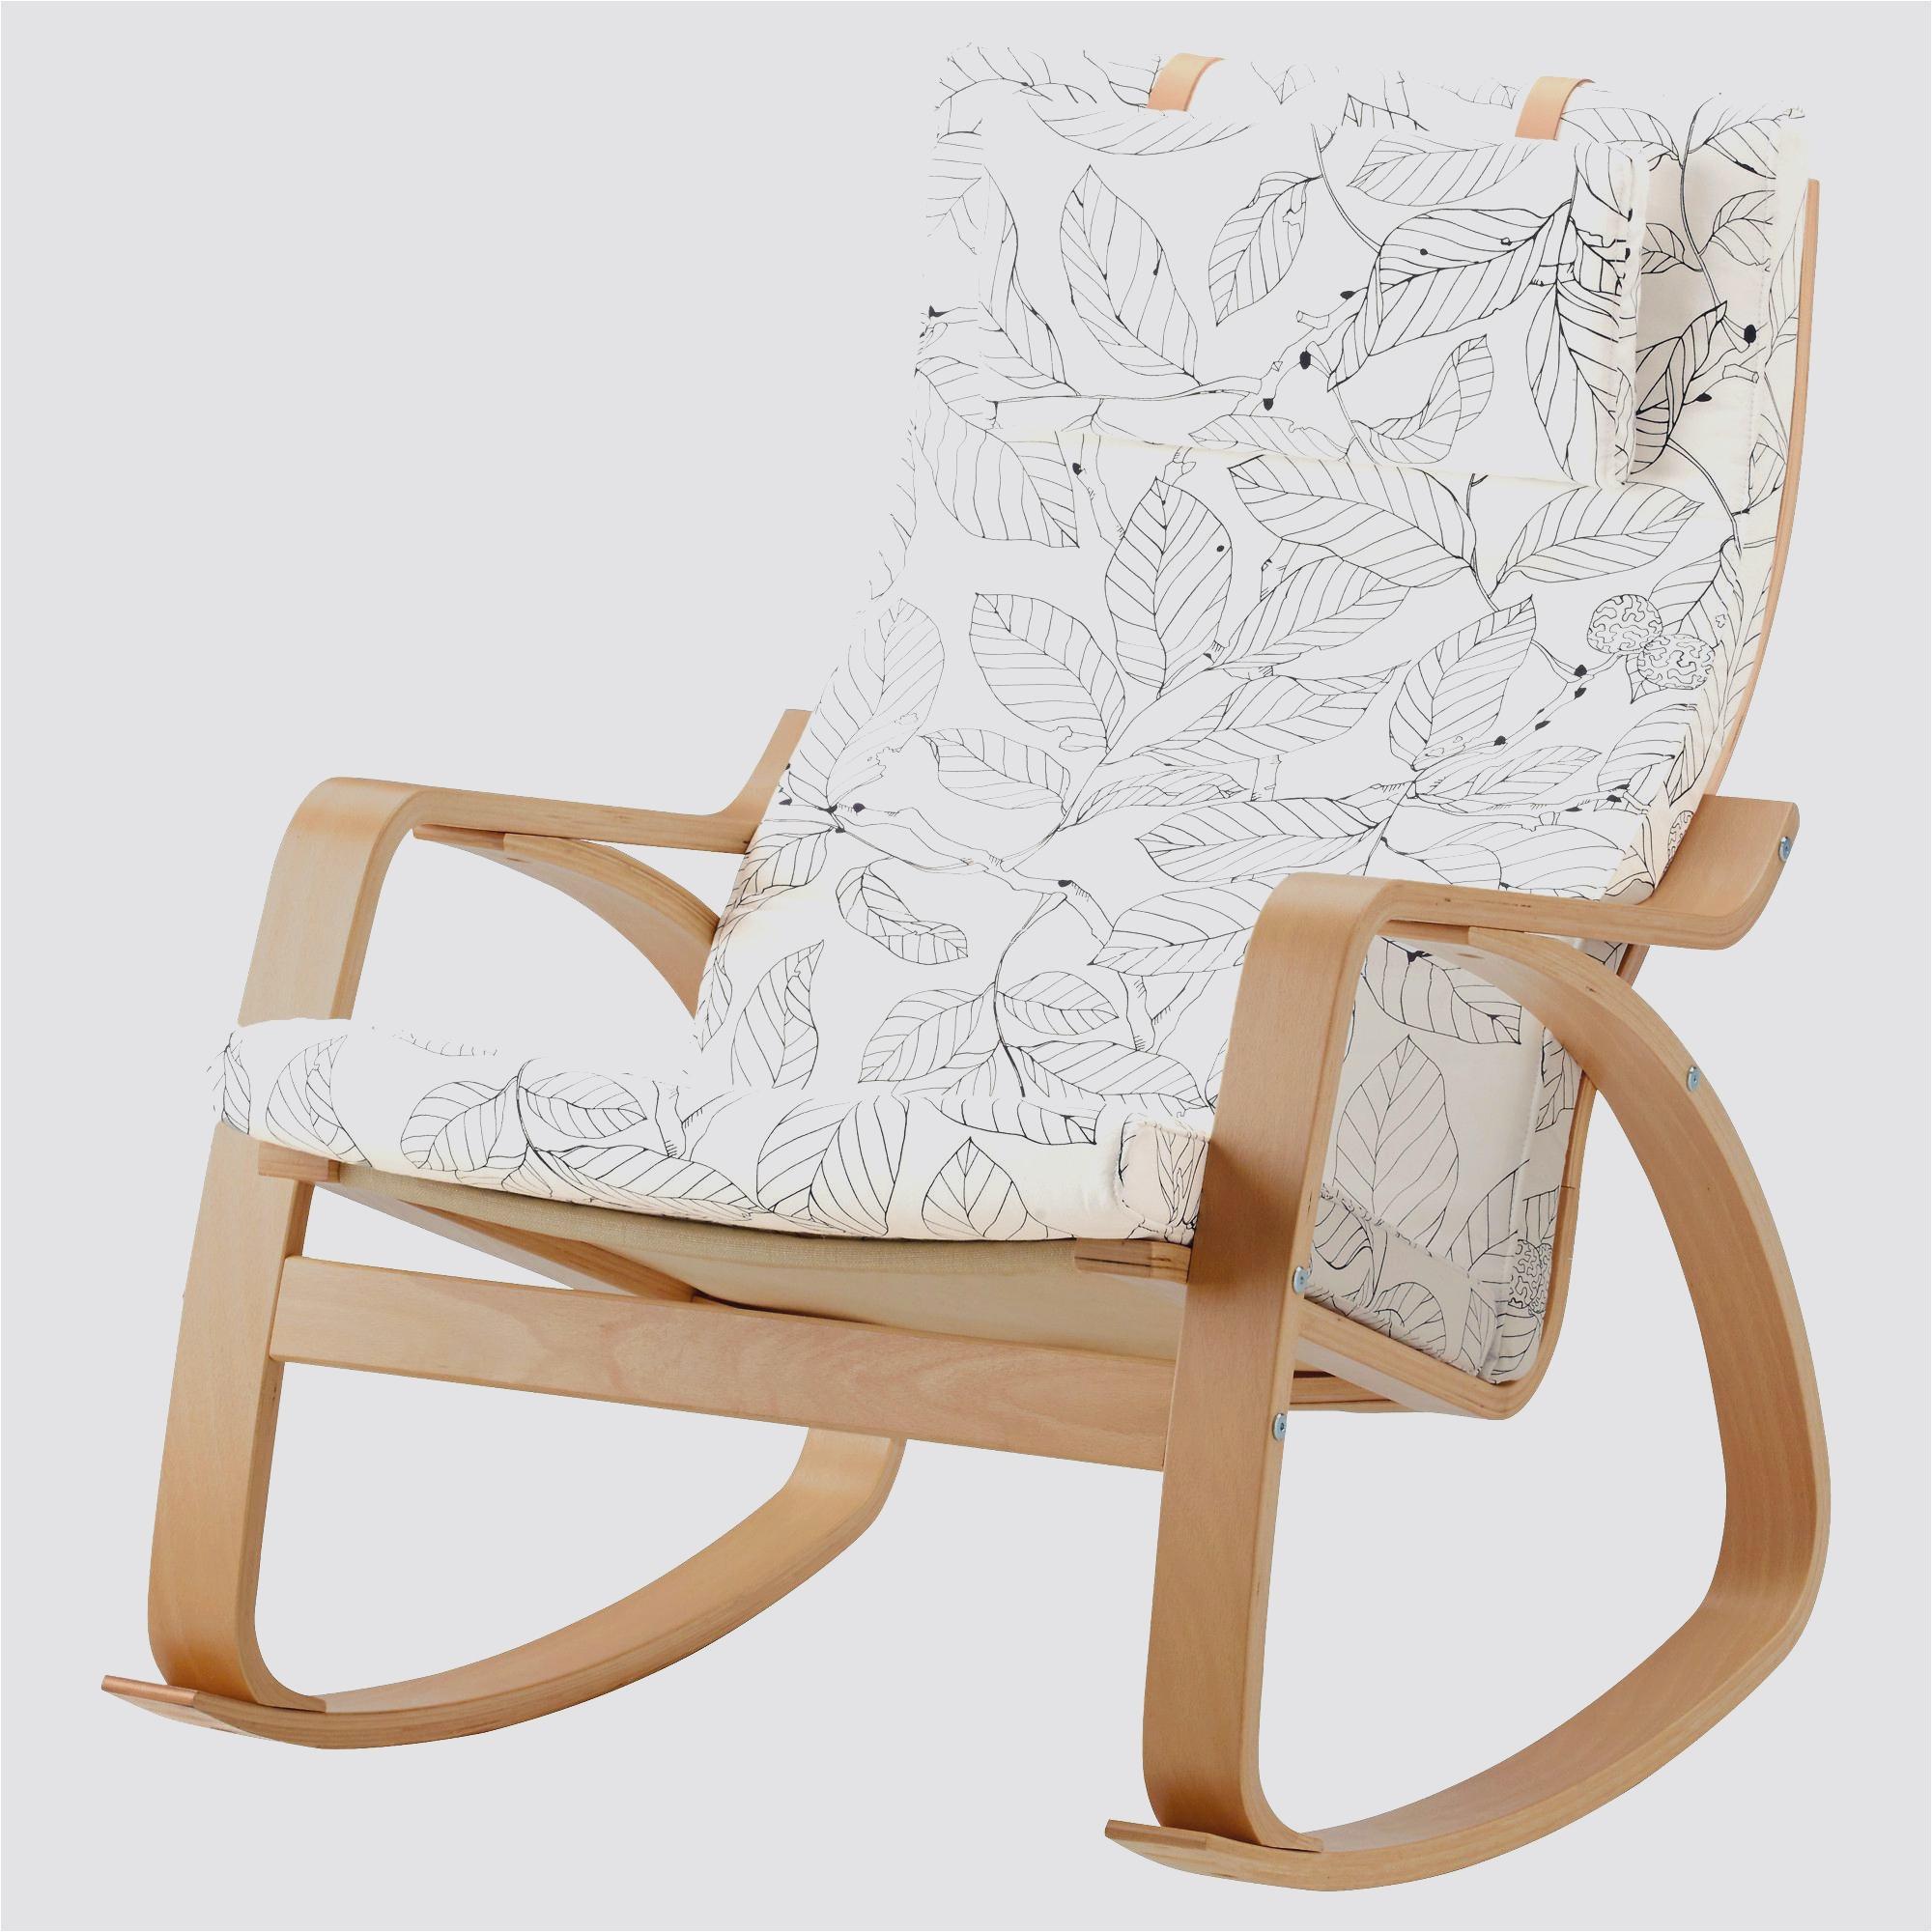 Cheval Bascule Bois Ikea Élégant Photos Chaise A Bascule Enfant Chaise De Cuisine Ikea Meilleur De Chaise